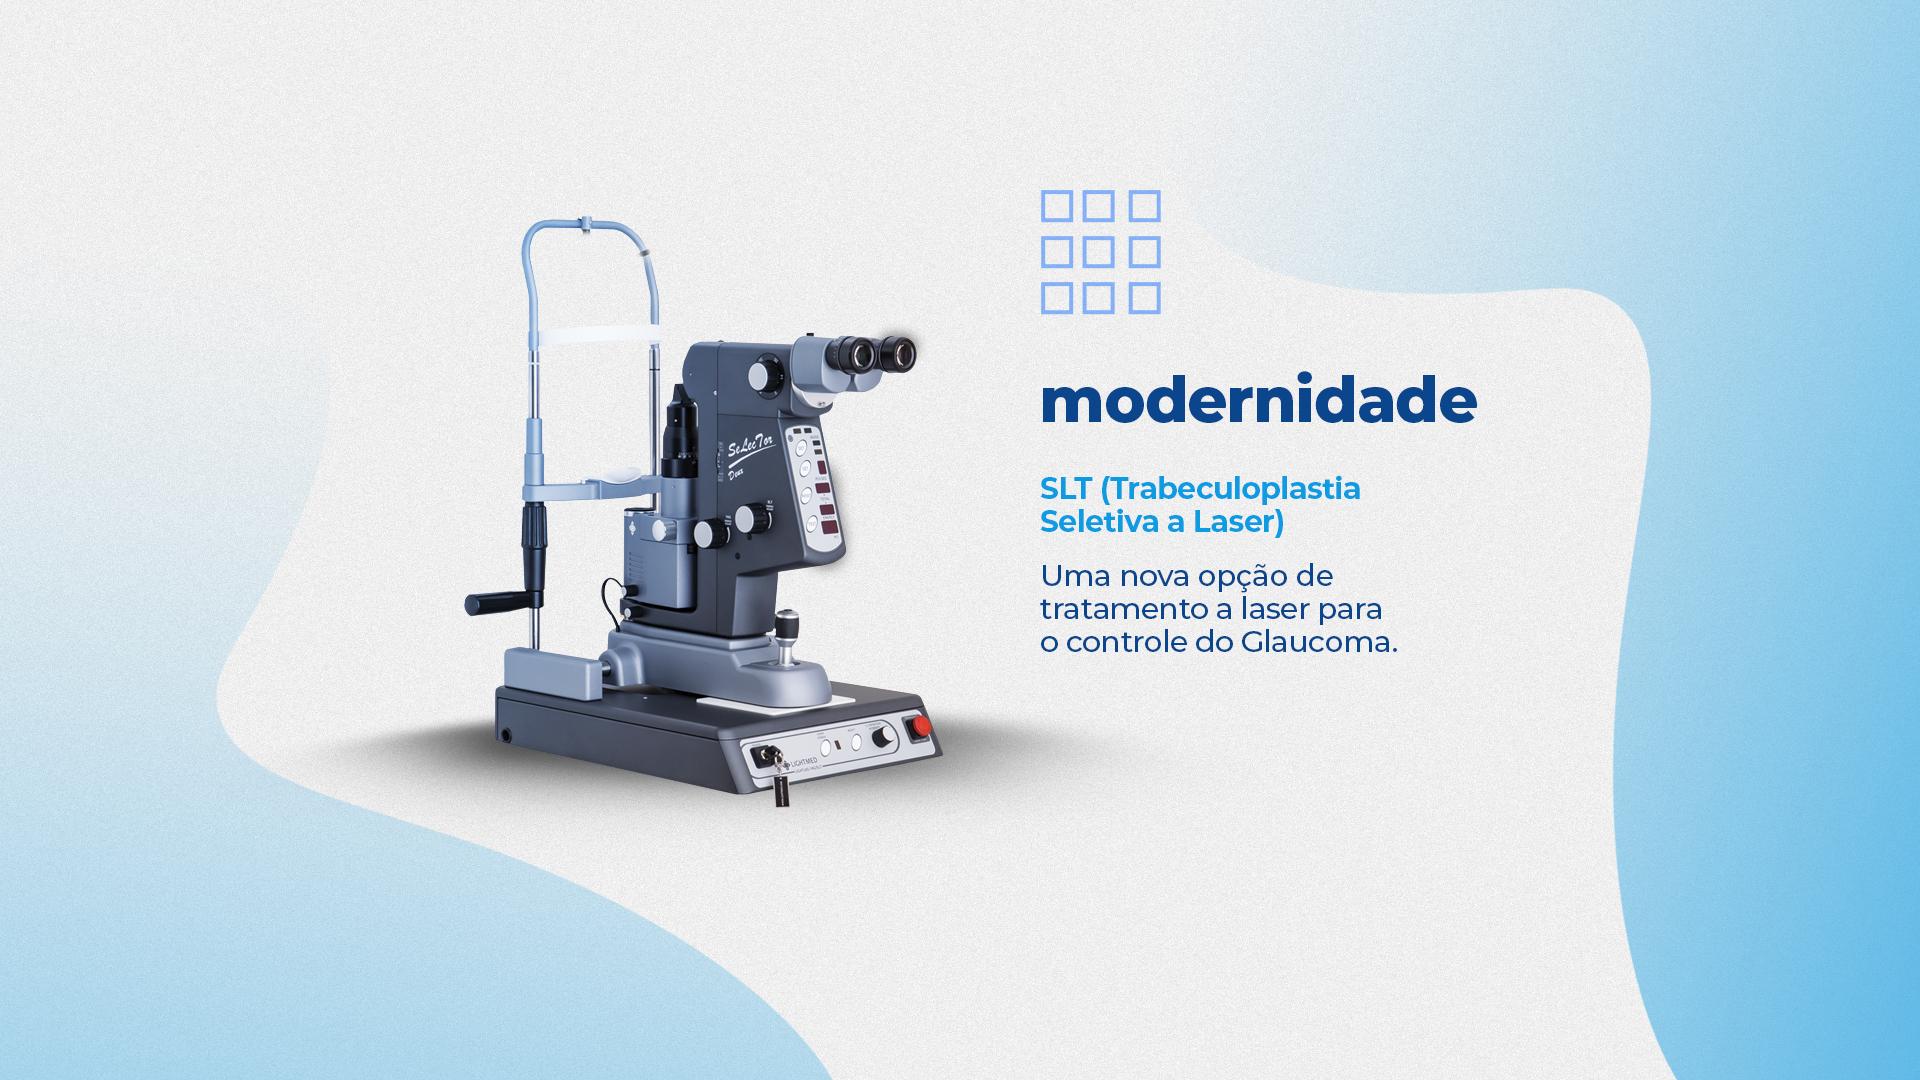 modernidade - SLT